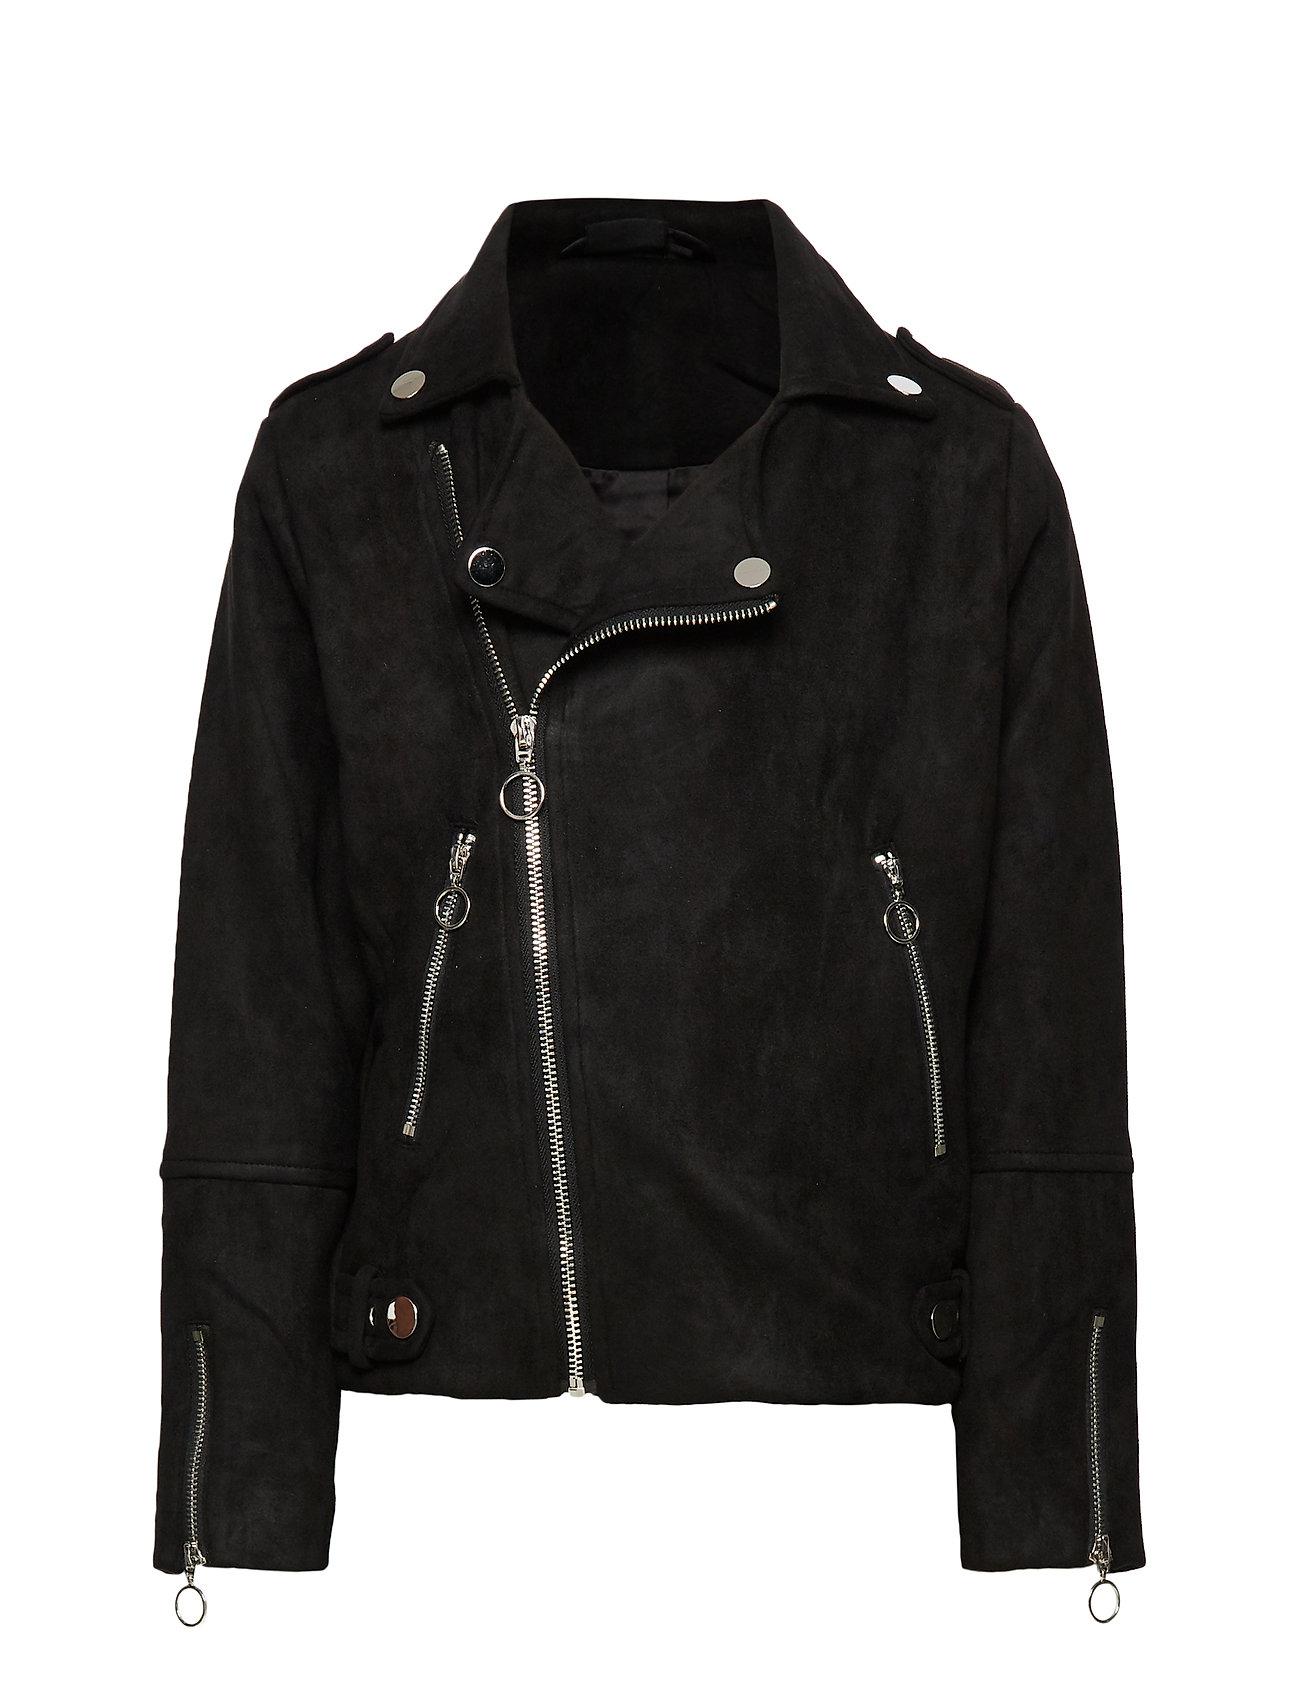 Petit by Sofie Schnoor Jacket - BLACK